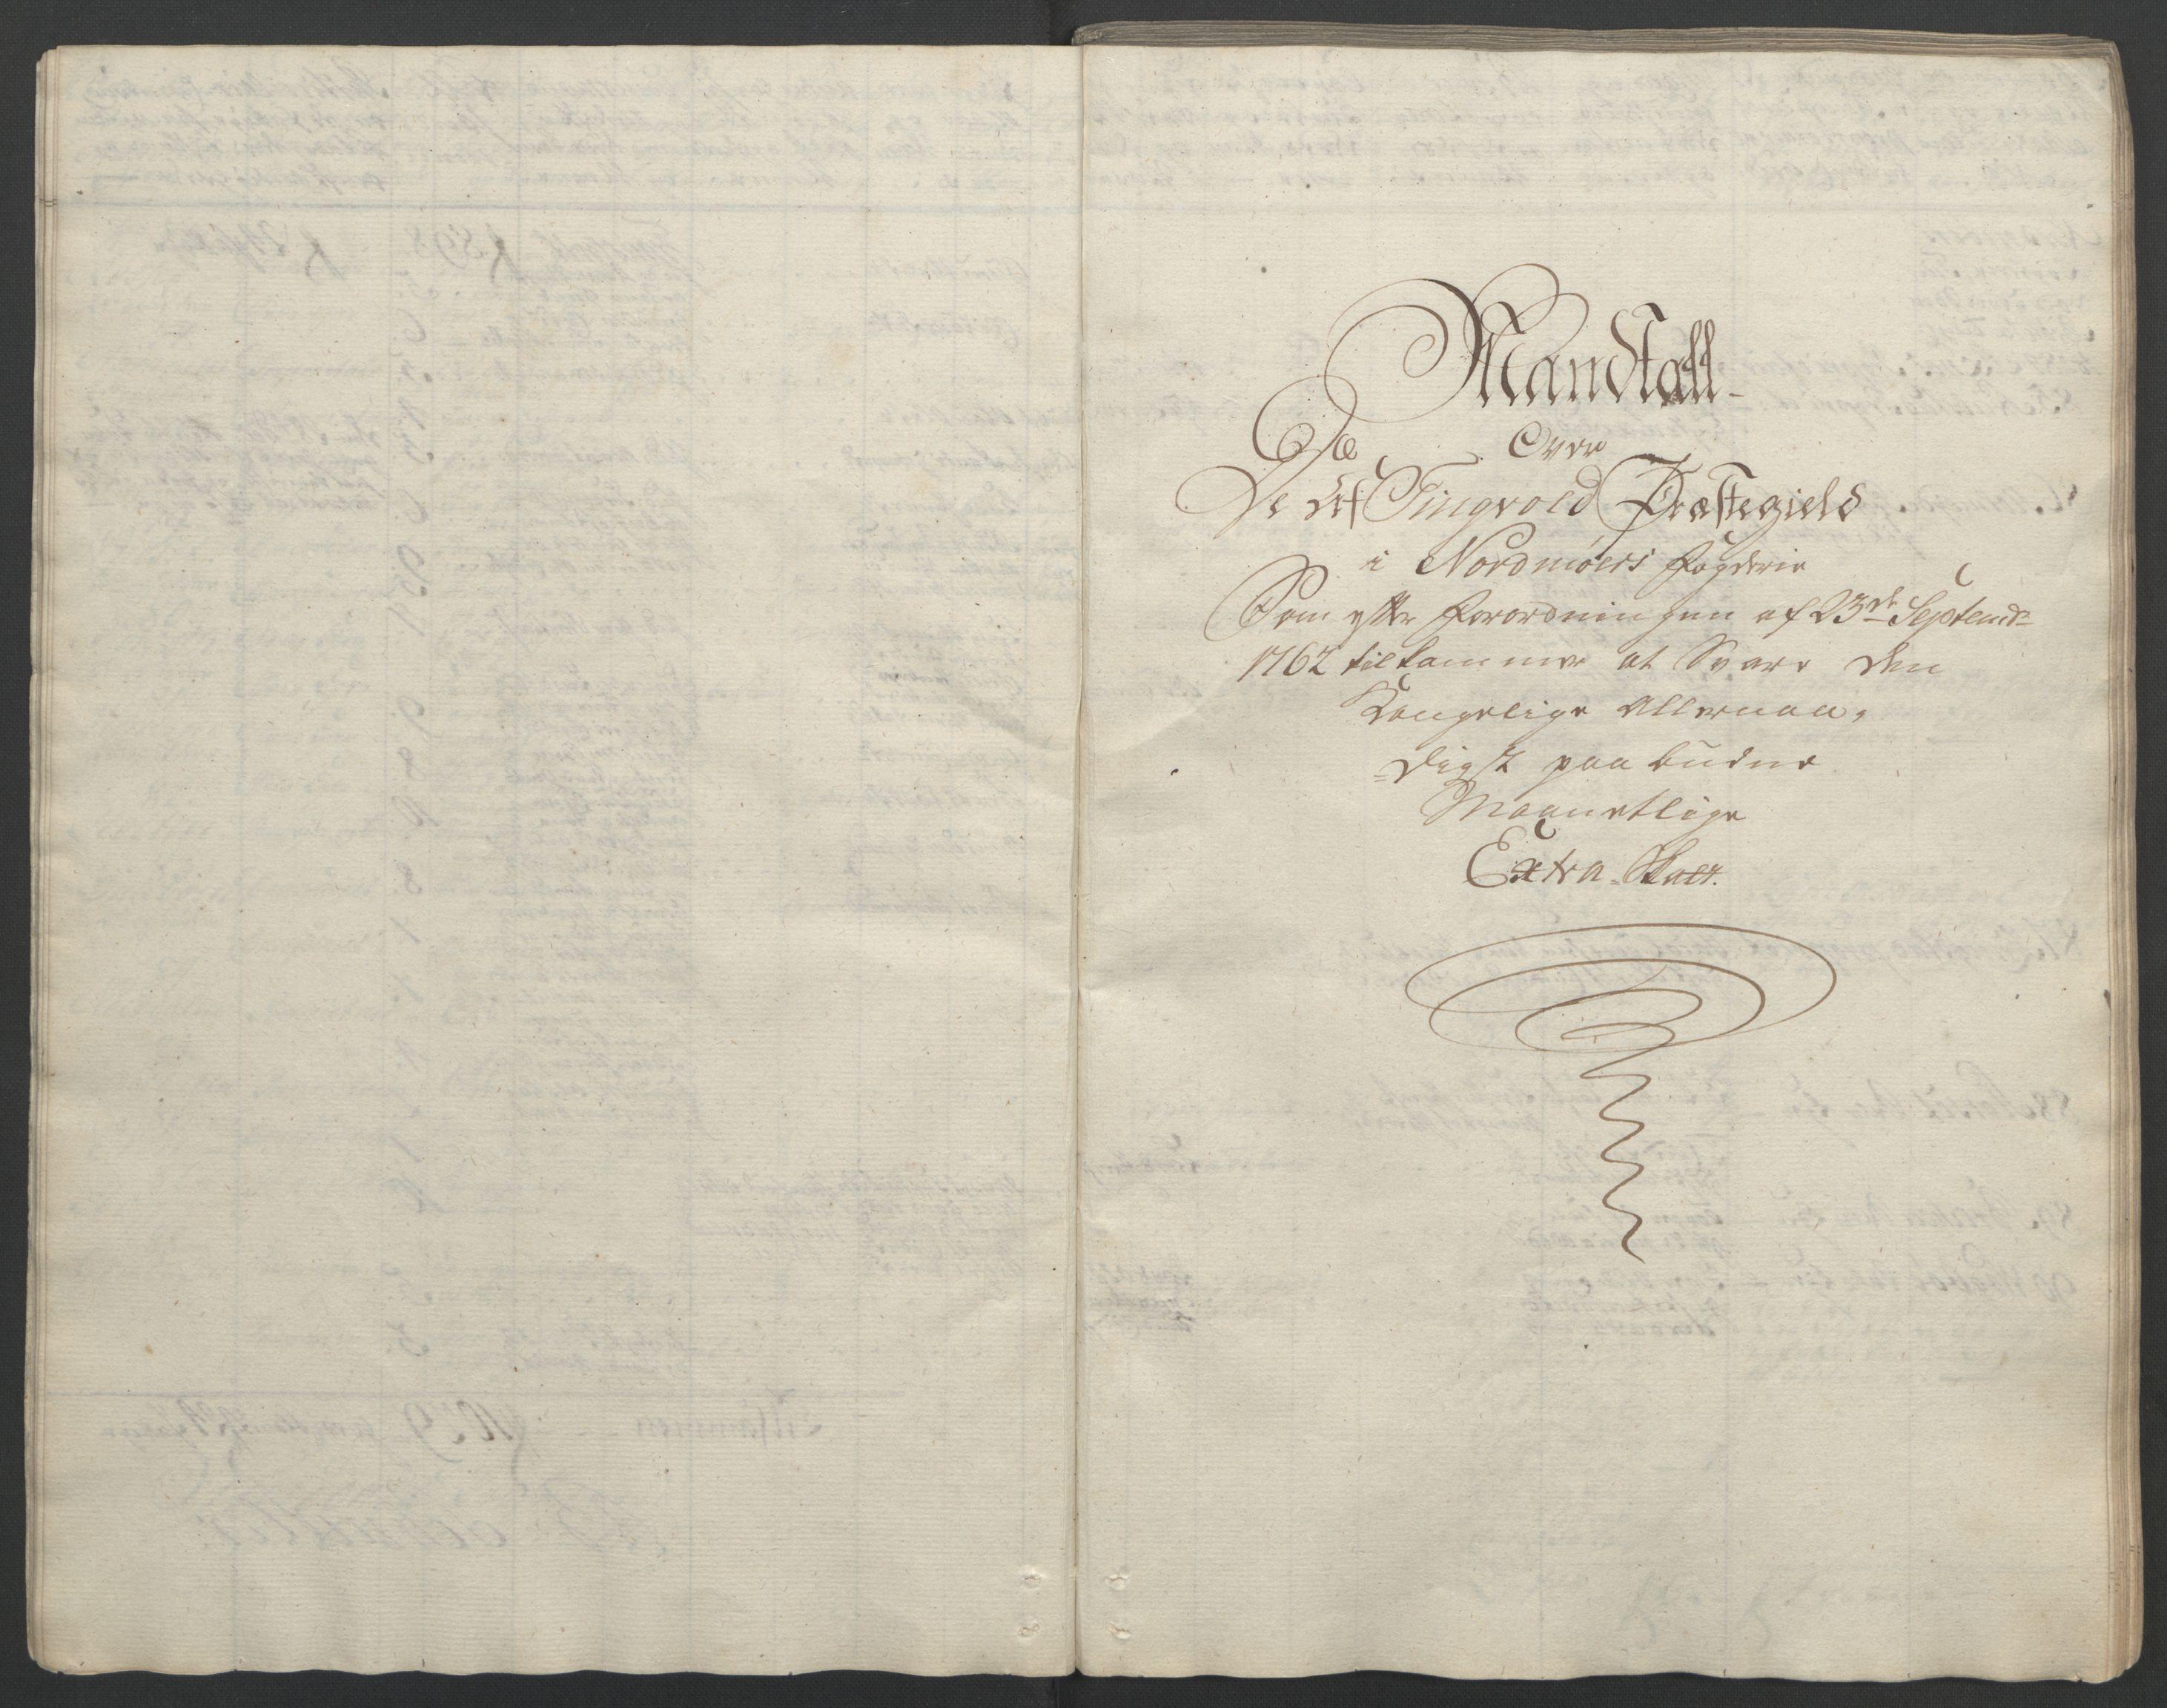 RA, Rentekammeret inntil 1814, Reviderte regnskaper, Fogderegnskap, R56/L3841: Ekstraskatten Nordmøre, 1762-1763, s. 23